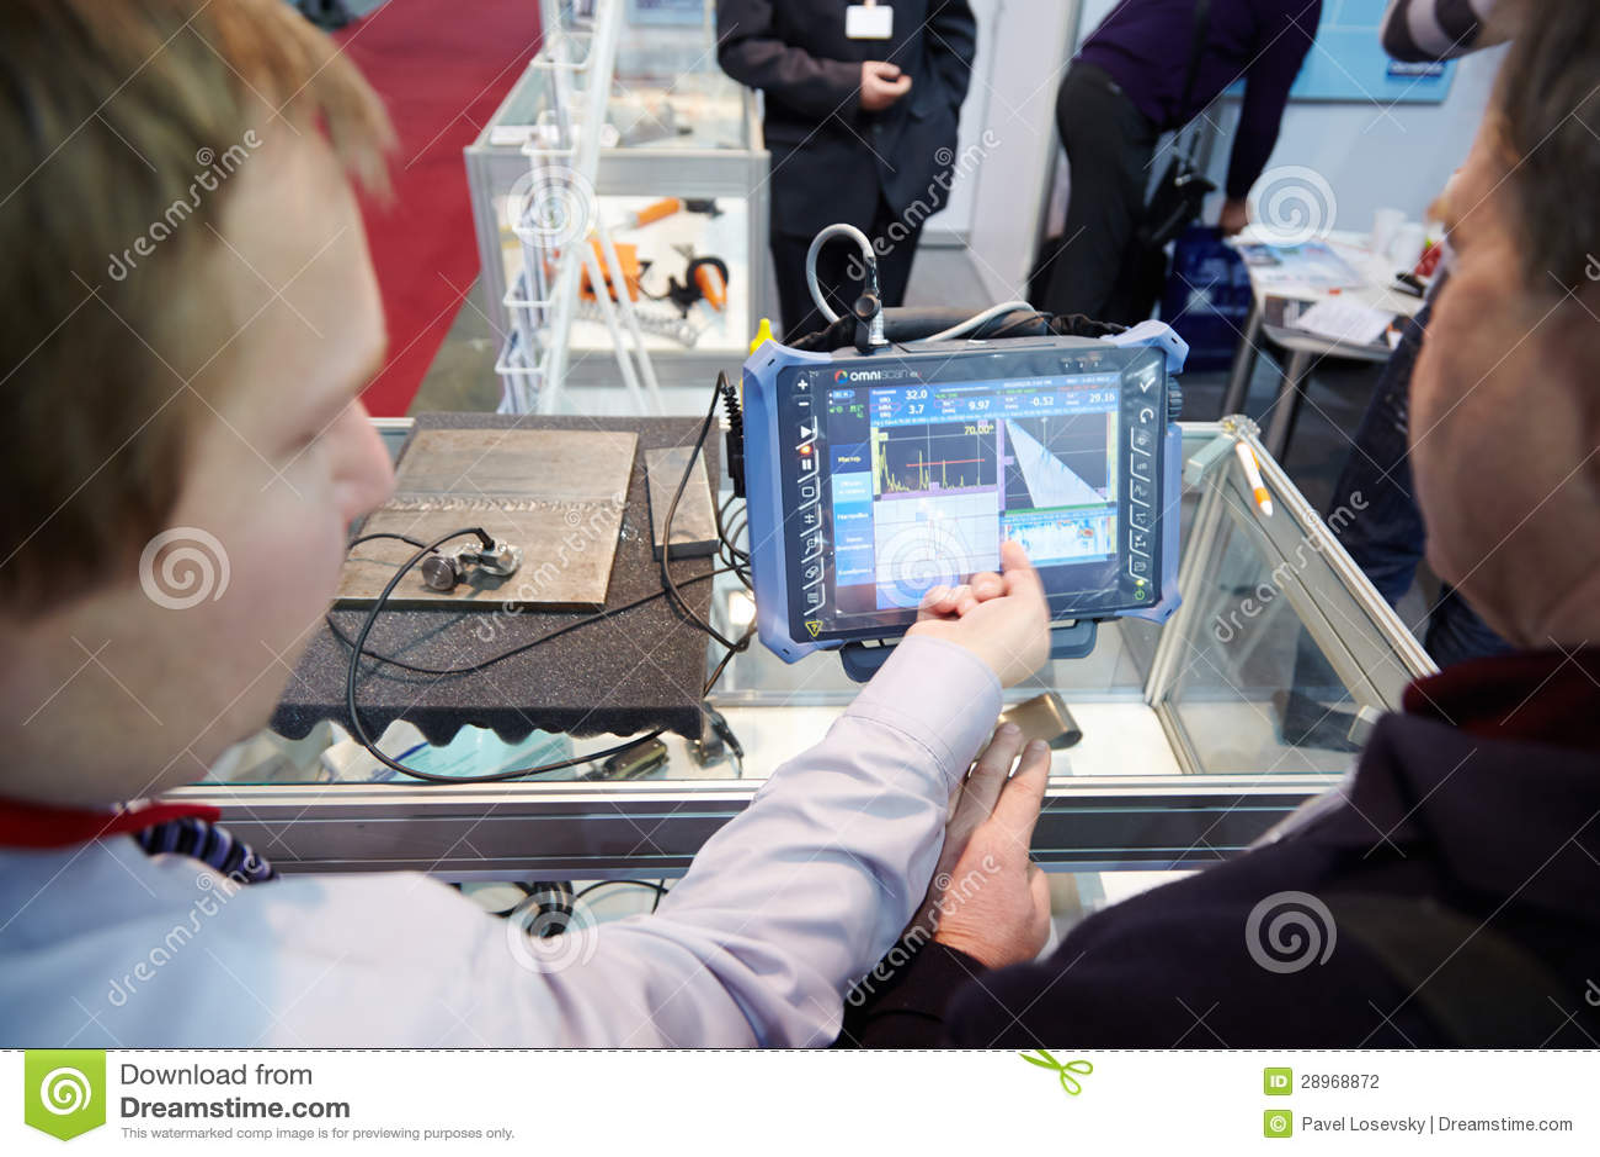 Firma przedstawiciel wyjaśnia operację przenośny modularny defectoscope